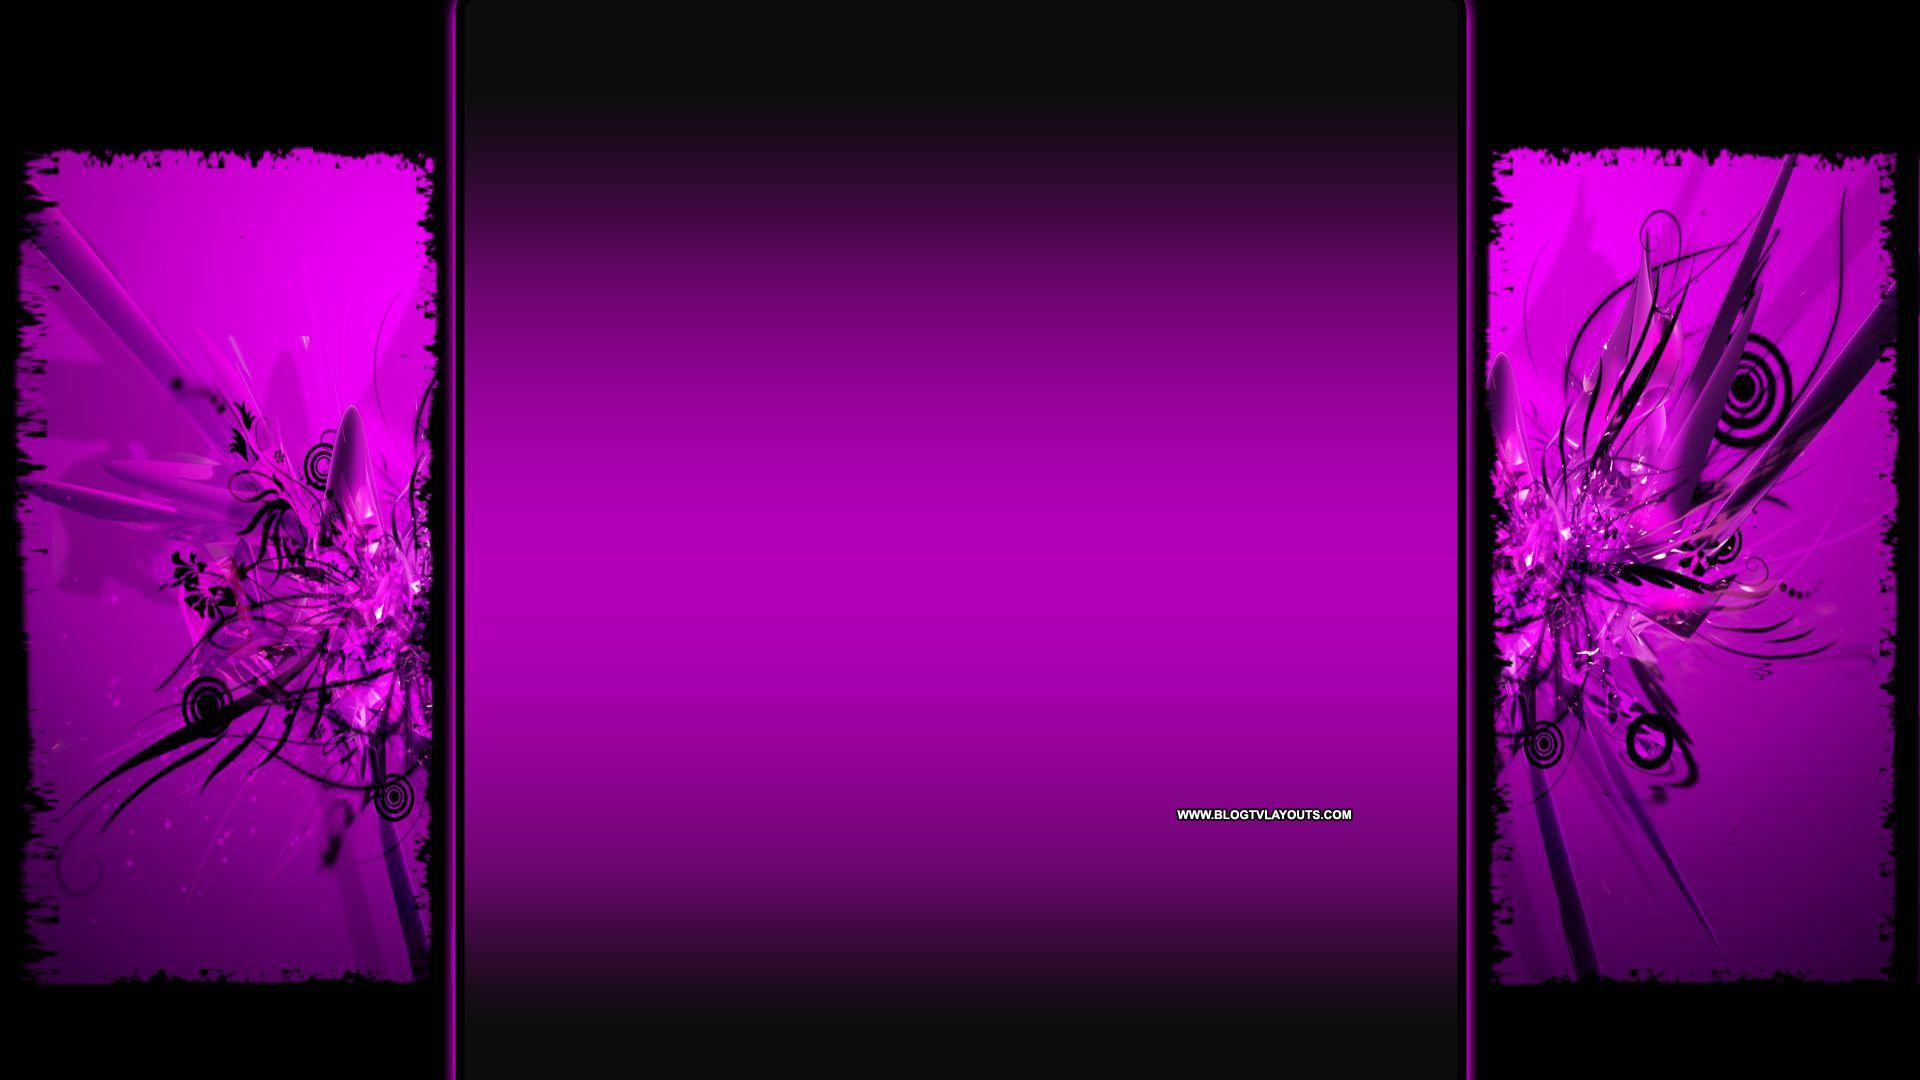 violet emo wallpaper 1920—1080